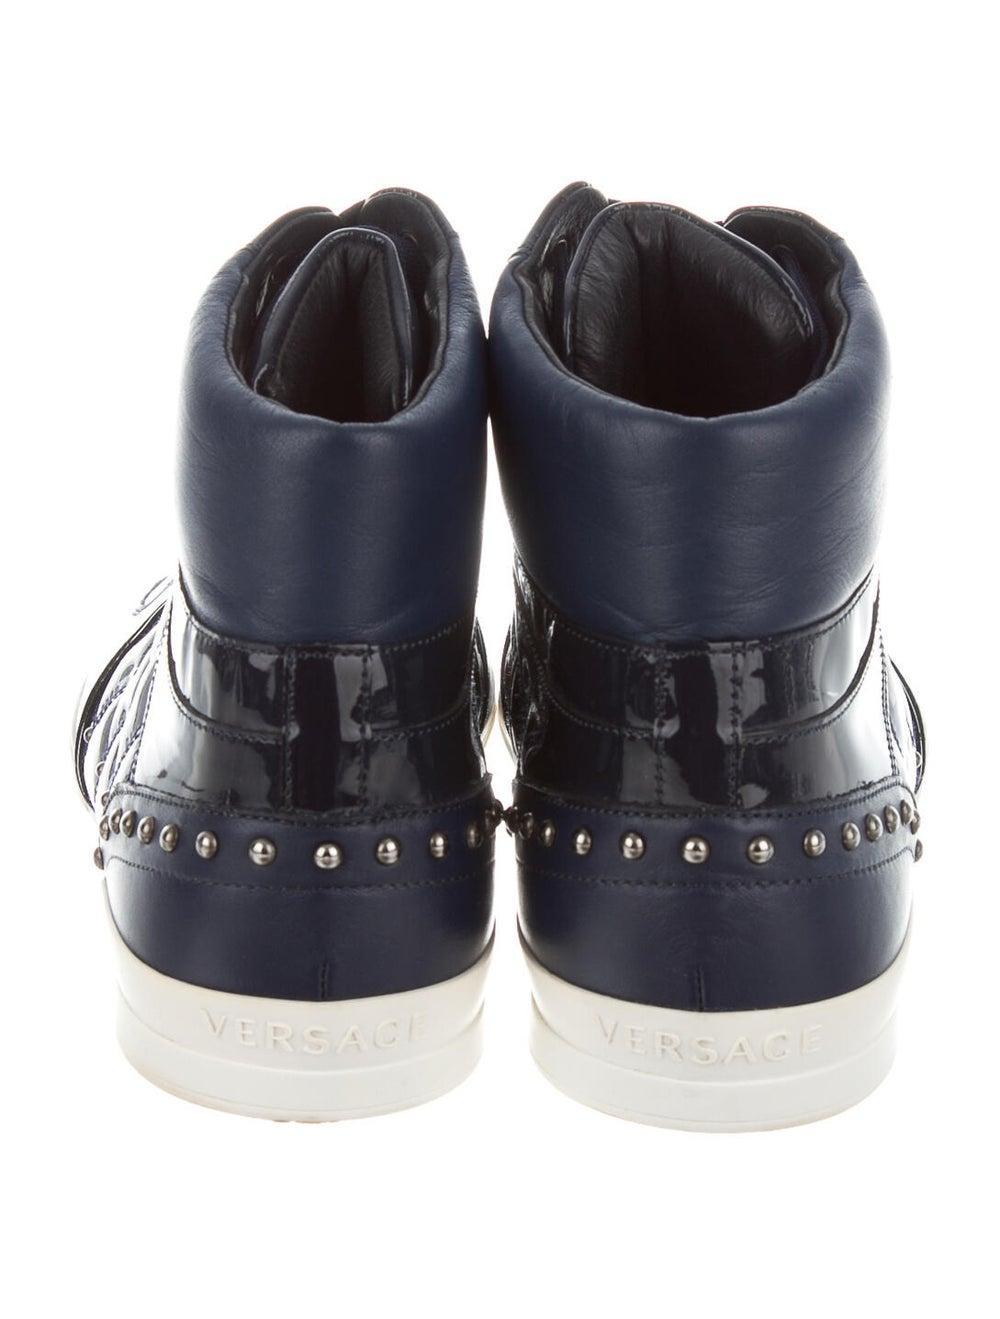 Versace Sneakers Blue - image 4